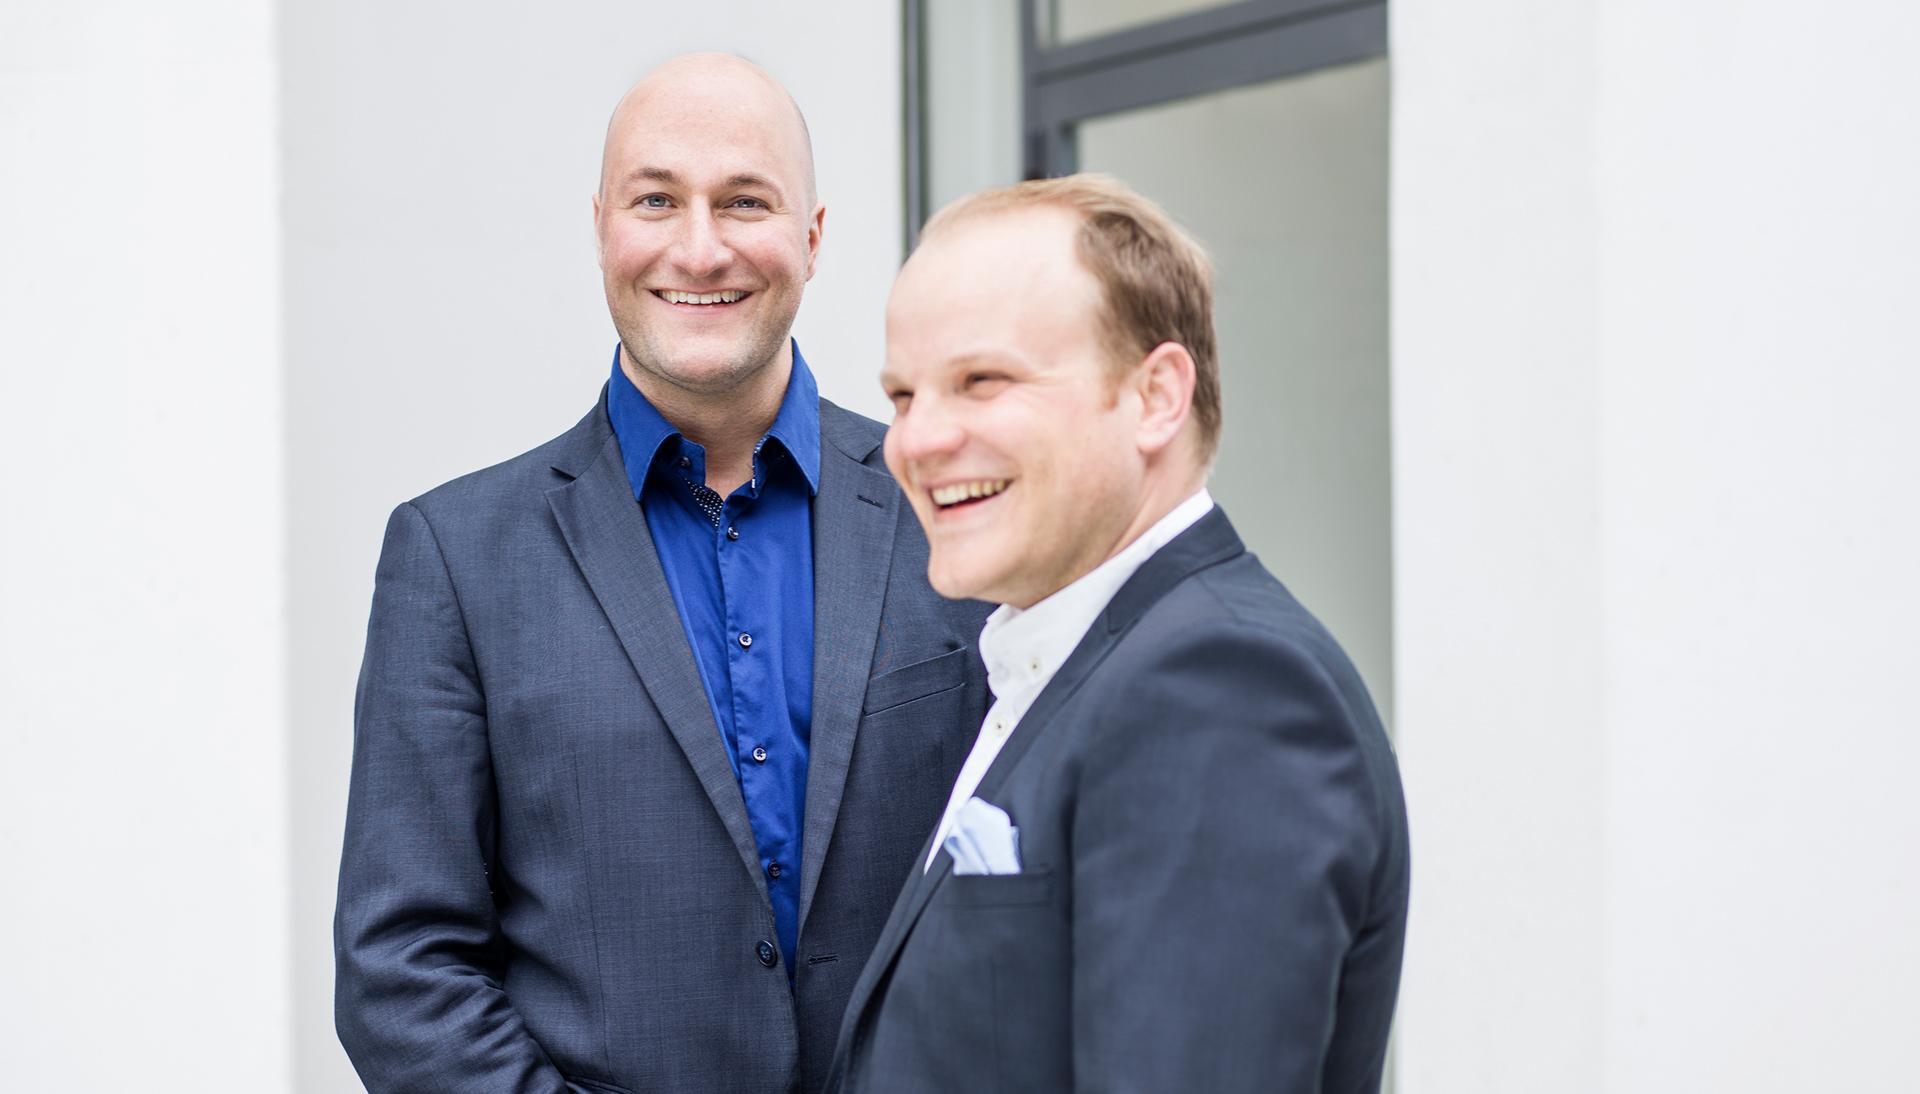 Businessfoto mit Michael Reinhardt und Christian Sommer aus Potsdam